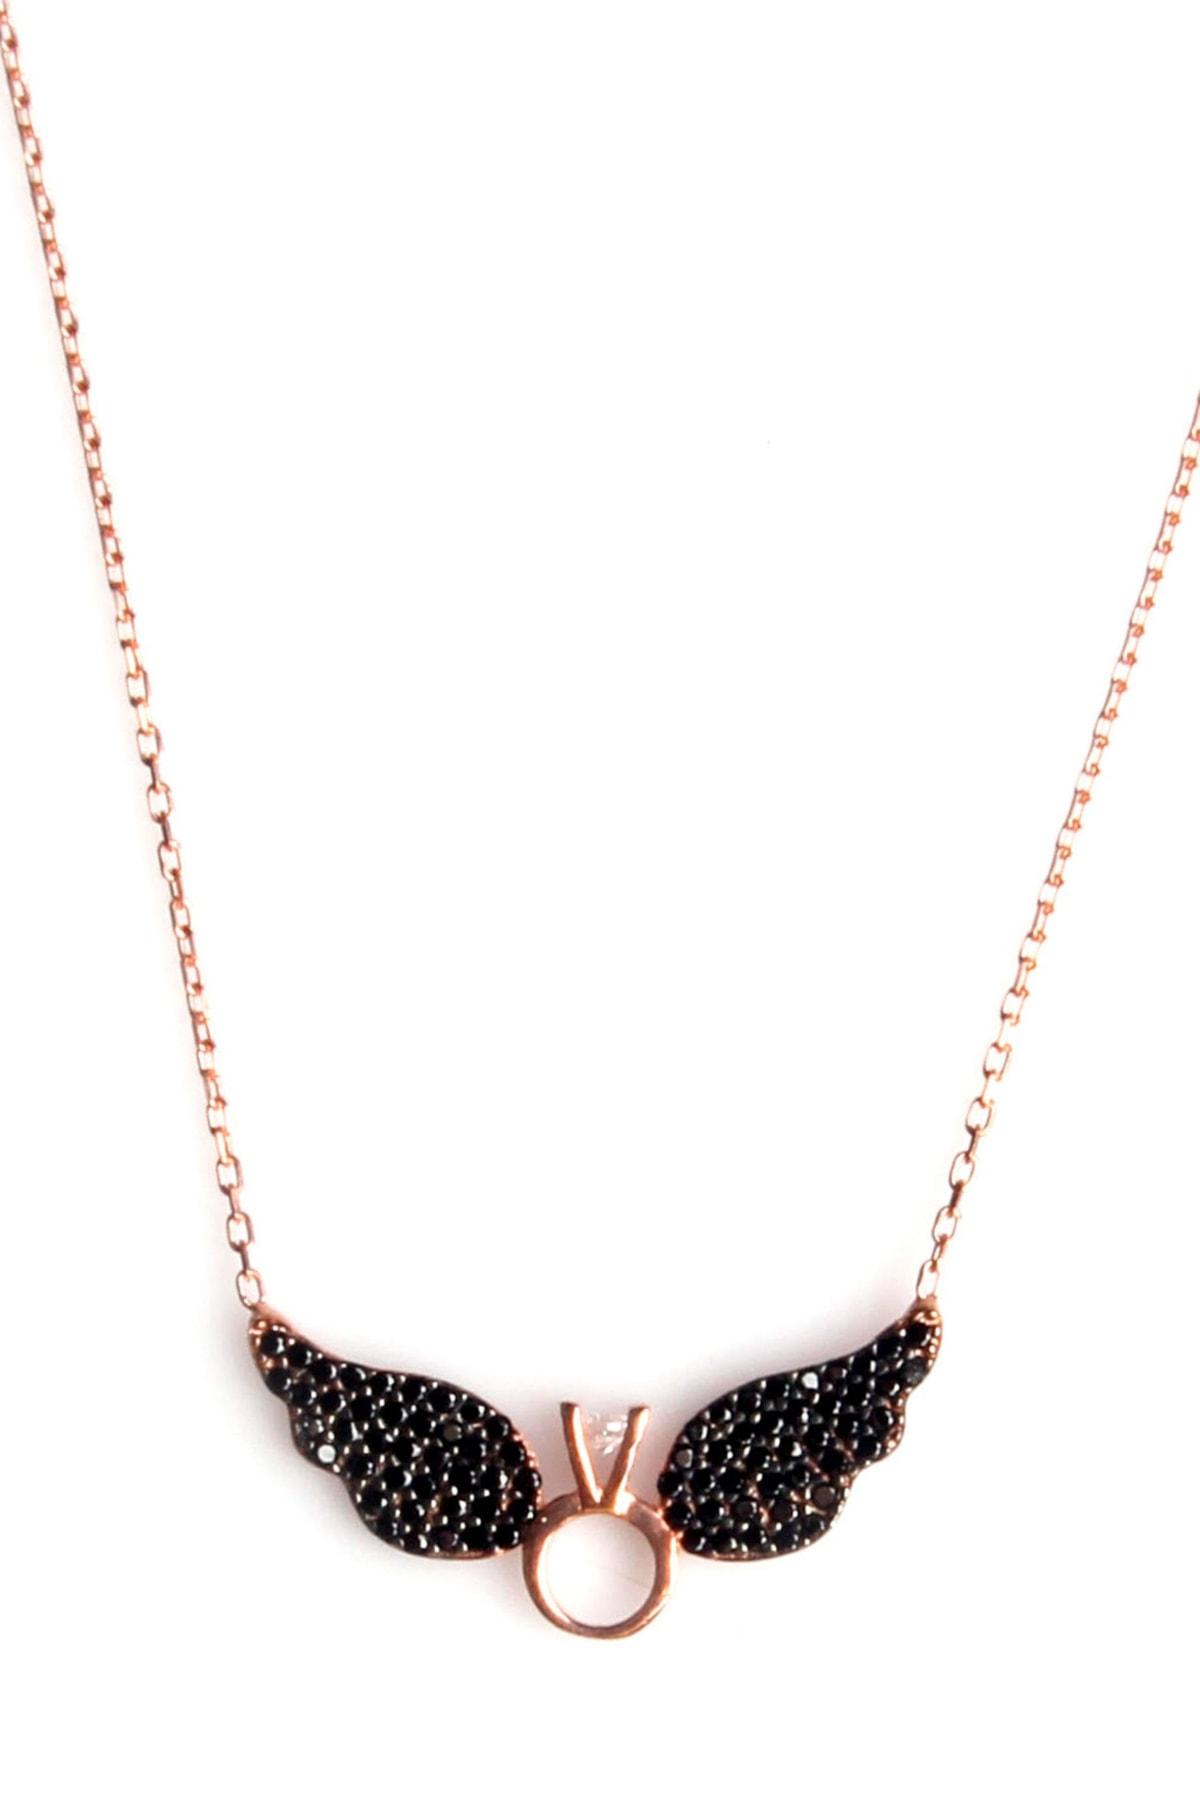 Sahra Kadın Zirkon Süslemeli Tek Taş Kanat Tasarım 925 Ayar Gümüş Kolye KLY-0066-23 1